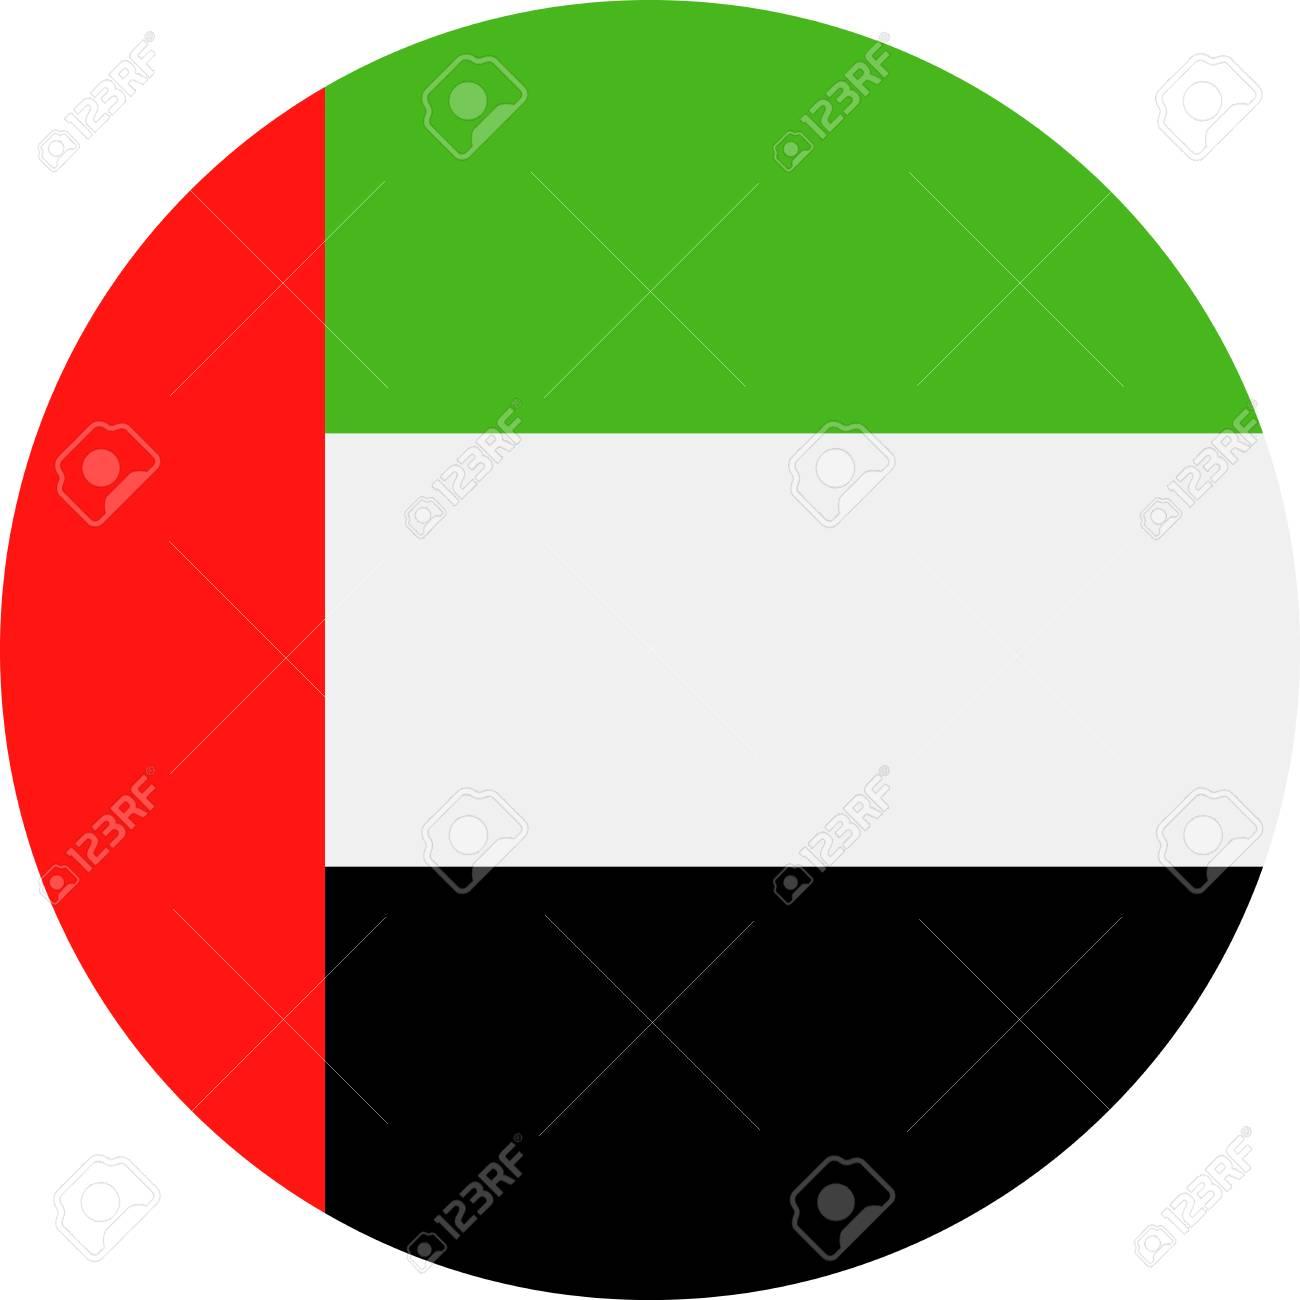 united arab emirates flag vector round flat icon illustration